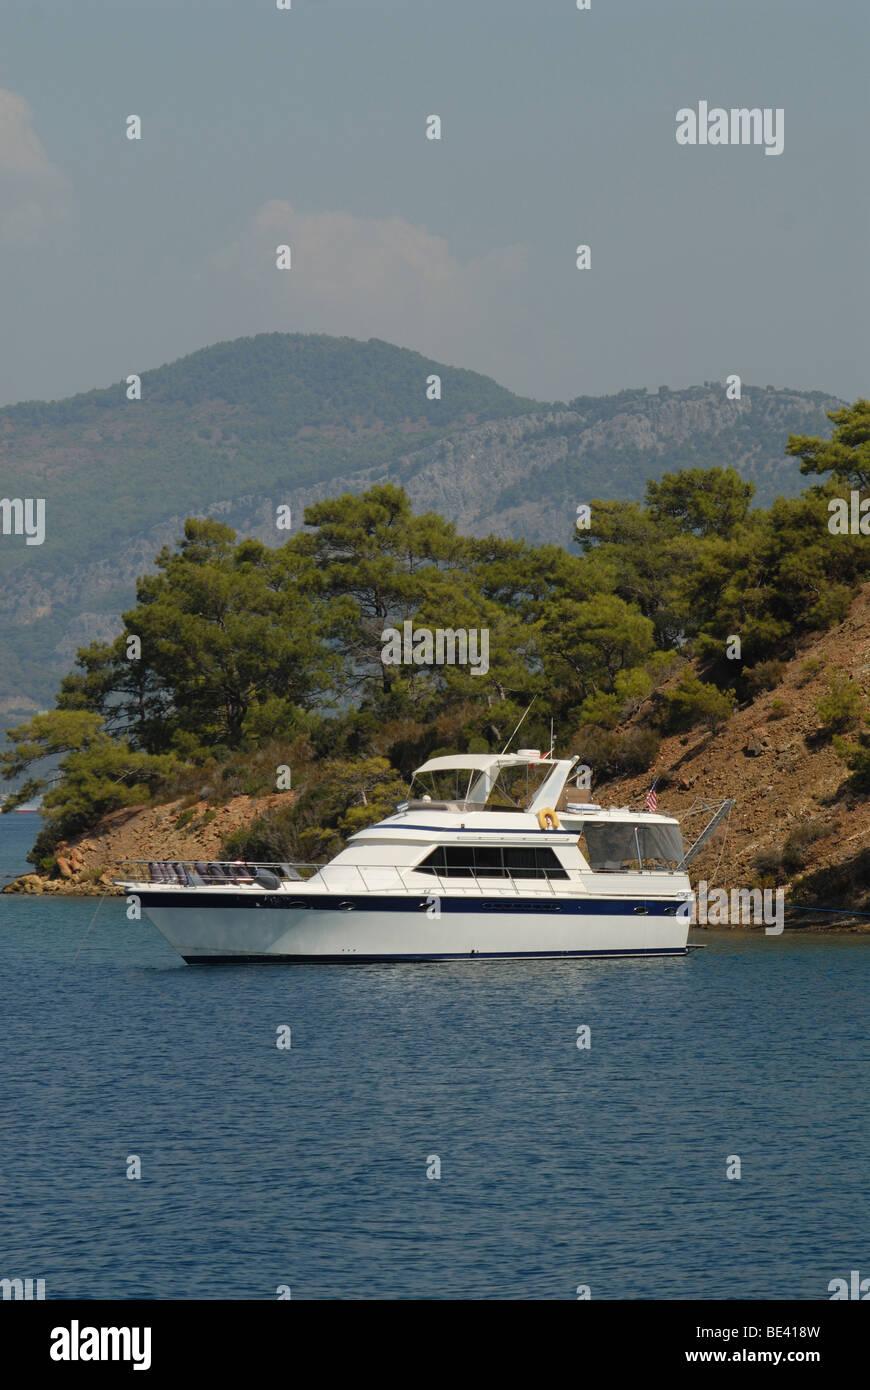 Motor Yacht de luxe à l'atterrissage à l'havre naturel en mer Méditerranée Photo Stock